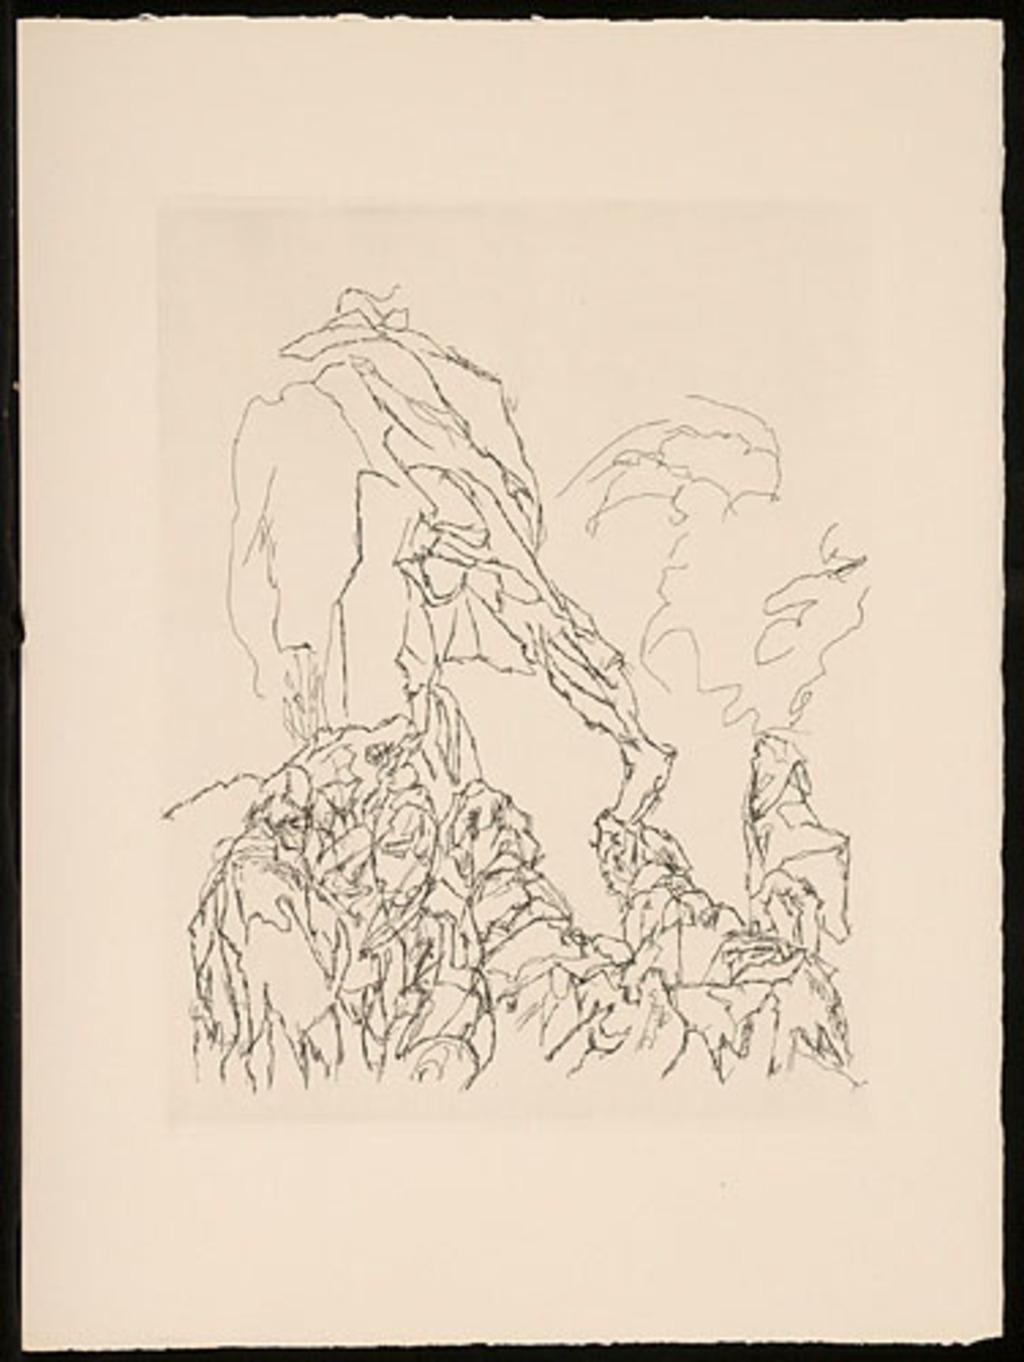 C'est en or que fut formée la première race d'hommes mortels par les éternels habitants de l'Olympe, du livre d'artiste «Les Travaux et les jours»